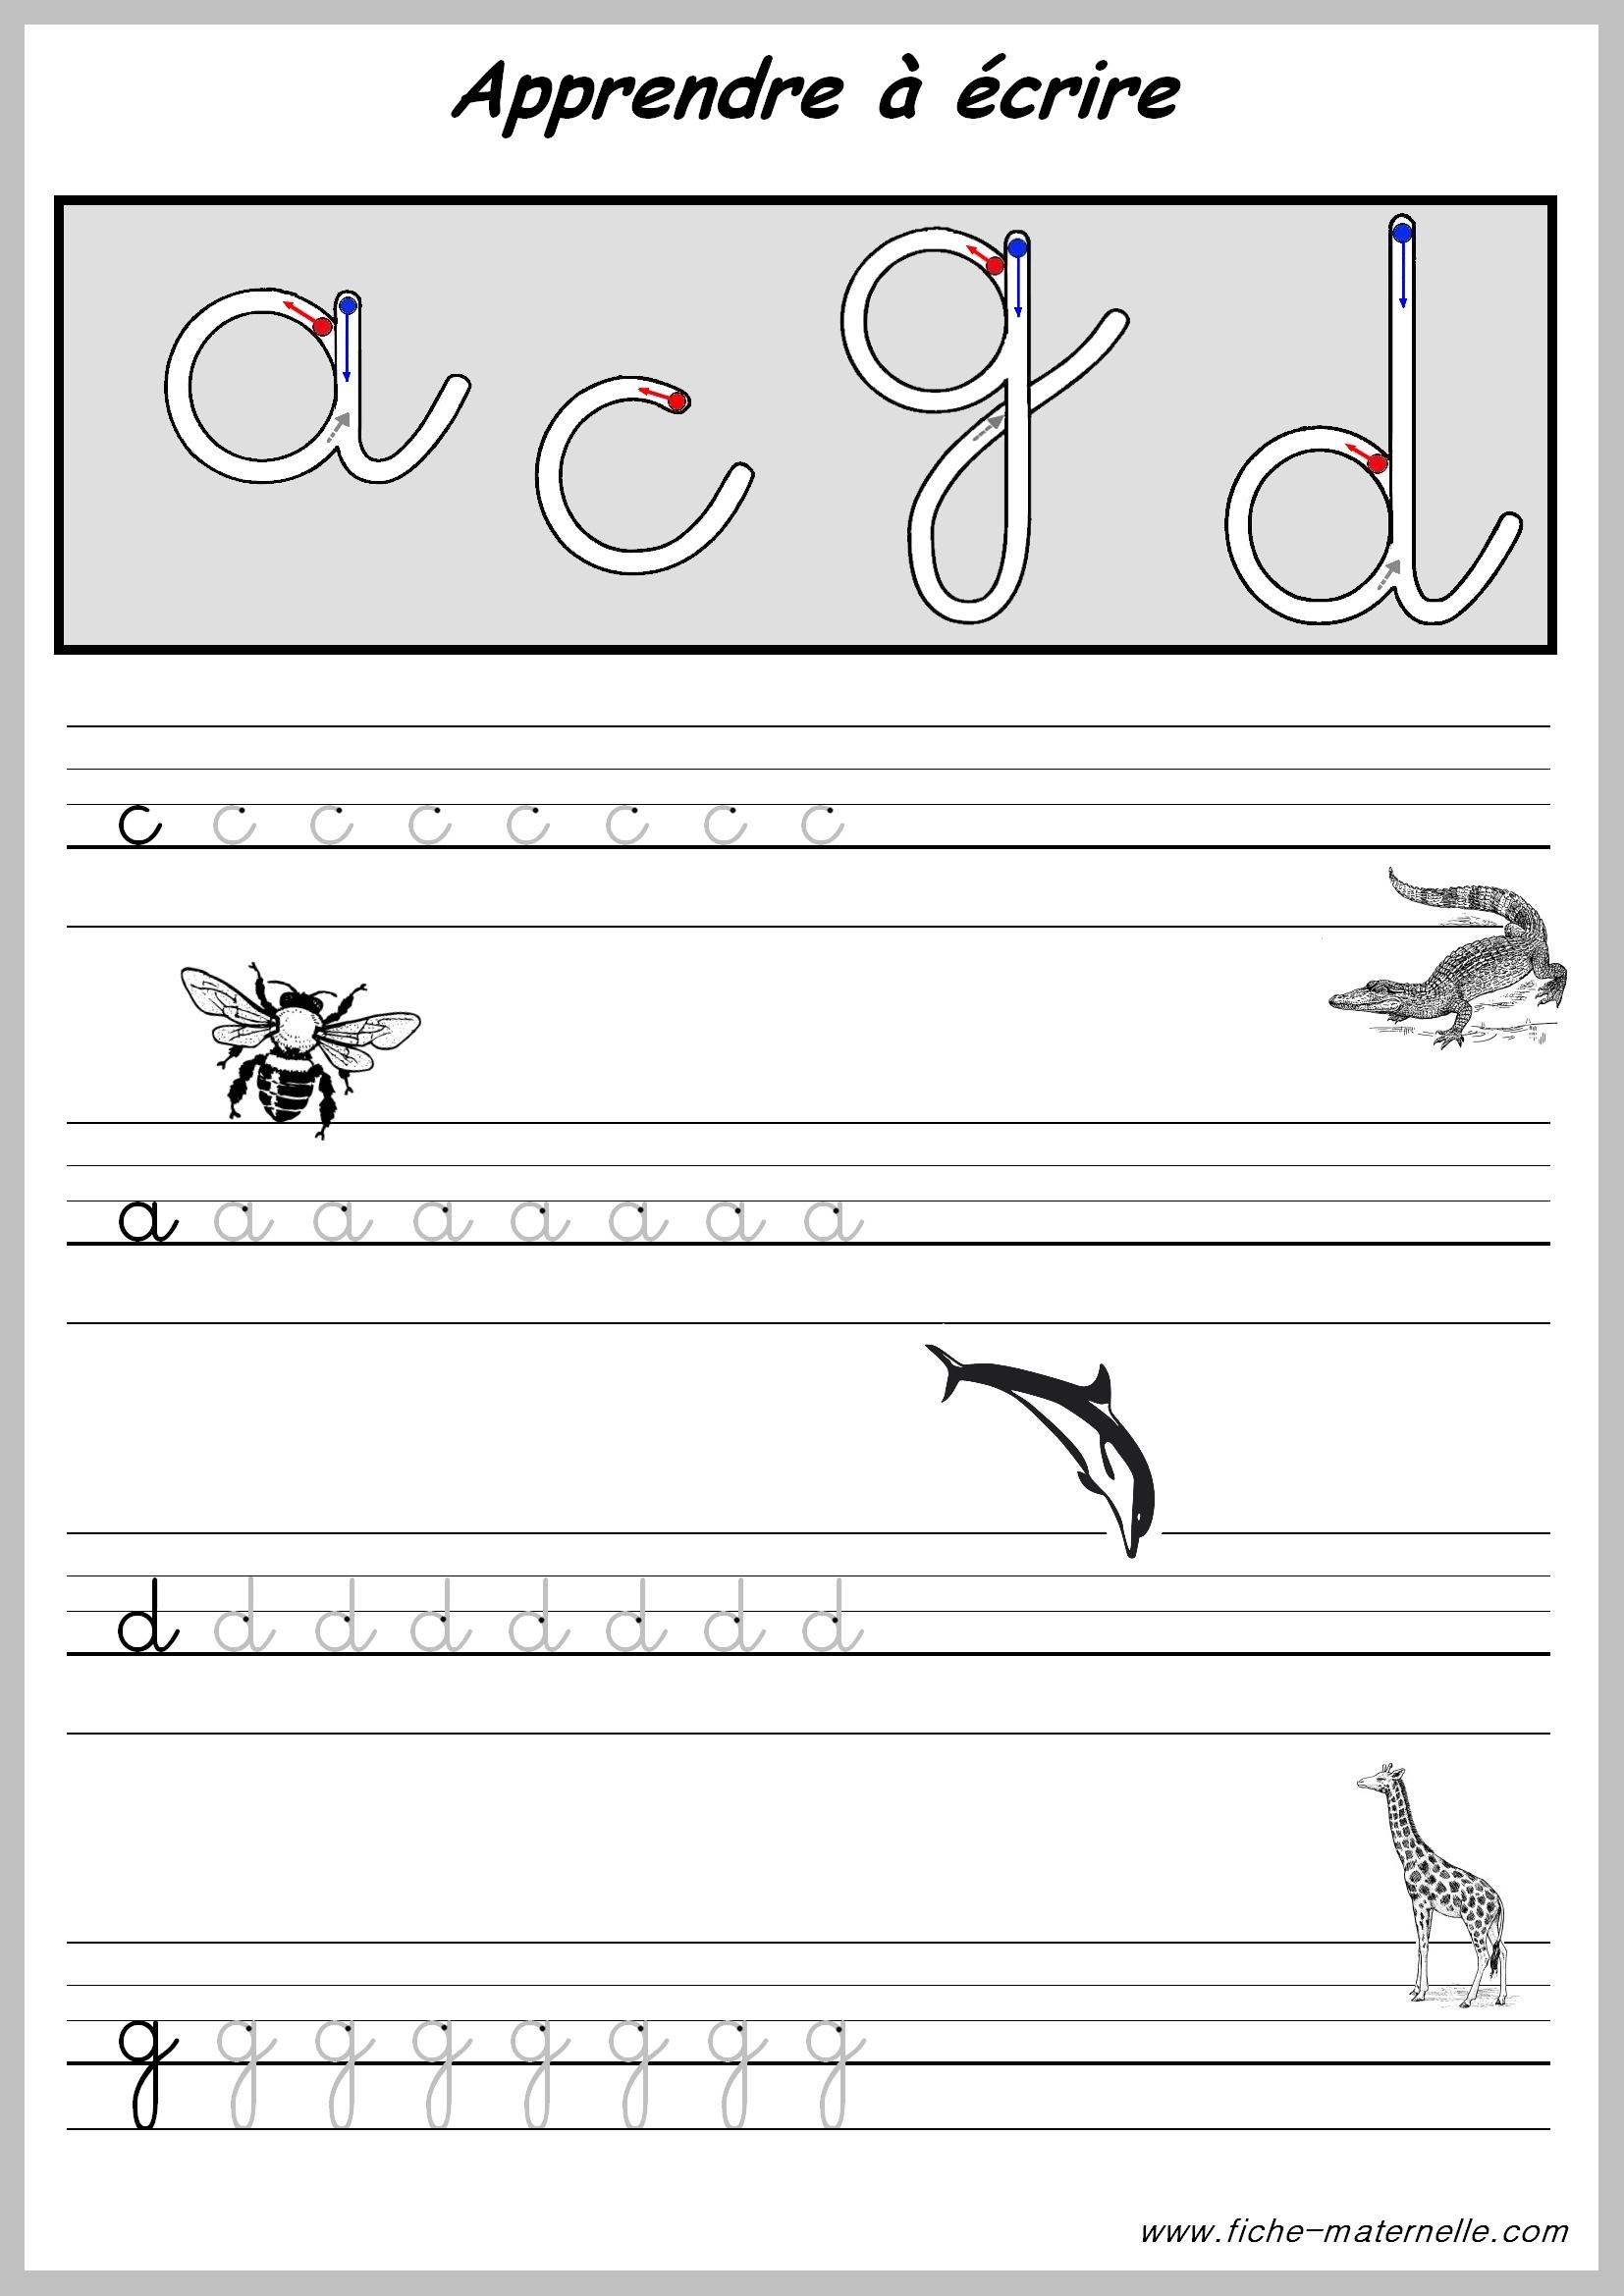 Exercices Pour Apprendre A Ecrire. à Exercice Pour Apprendre L Alphabet En Maternelle